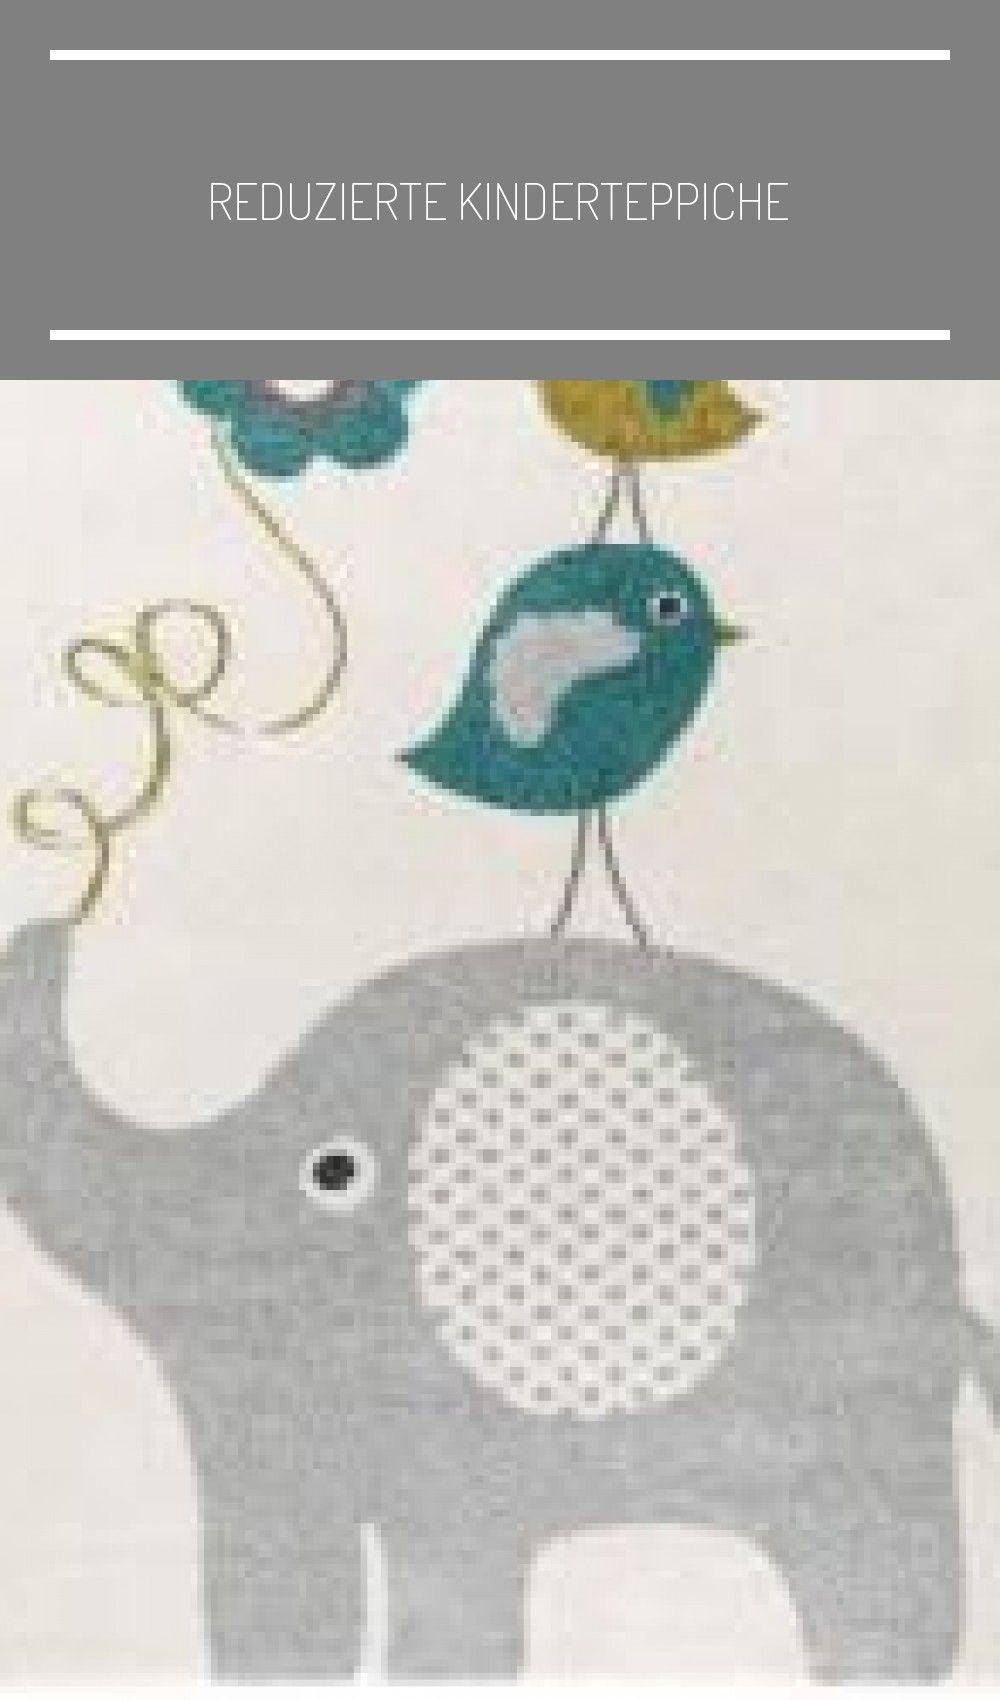 Benuta Kids Kinderteppich Fantasia Blau 160x230 Cm Teppich Fur Kinderzimmerbenuta De Kinderzimme In 2020 Crochet Basics Treble Crochet Stitch Basic Crochet Stitches